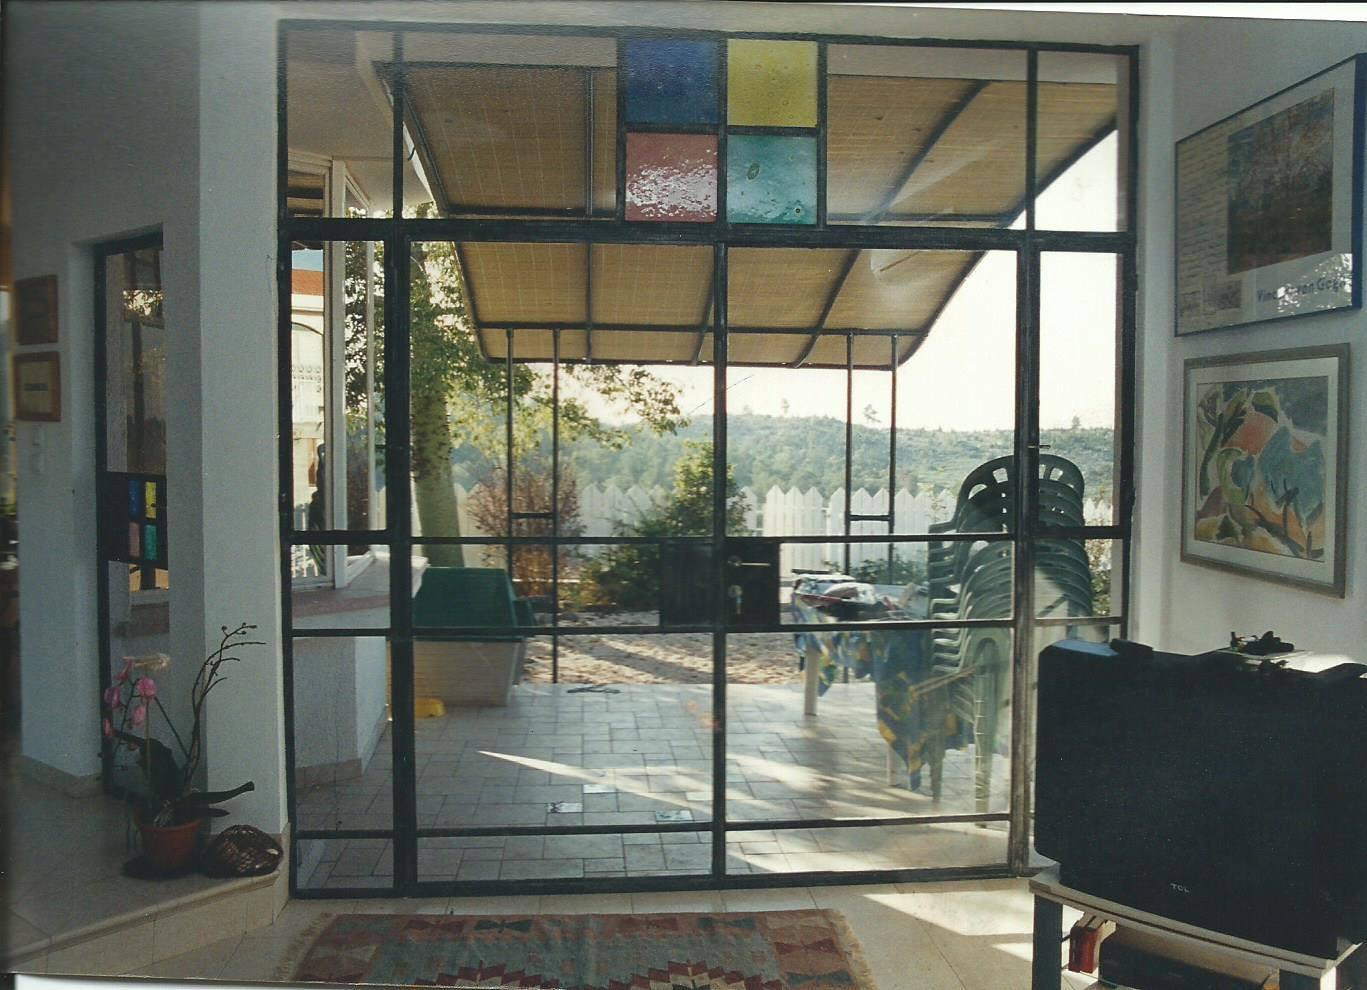 דלת וחלונות בלגיים